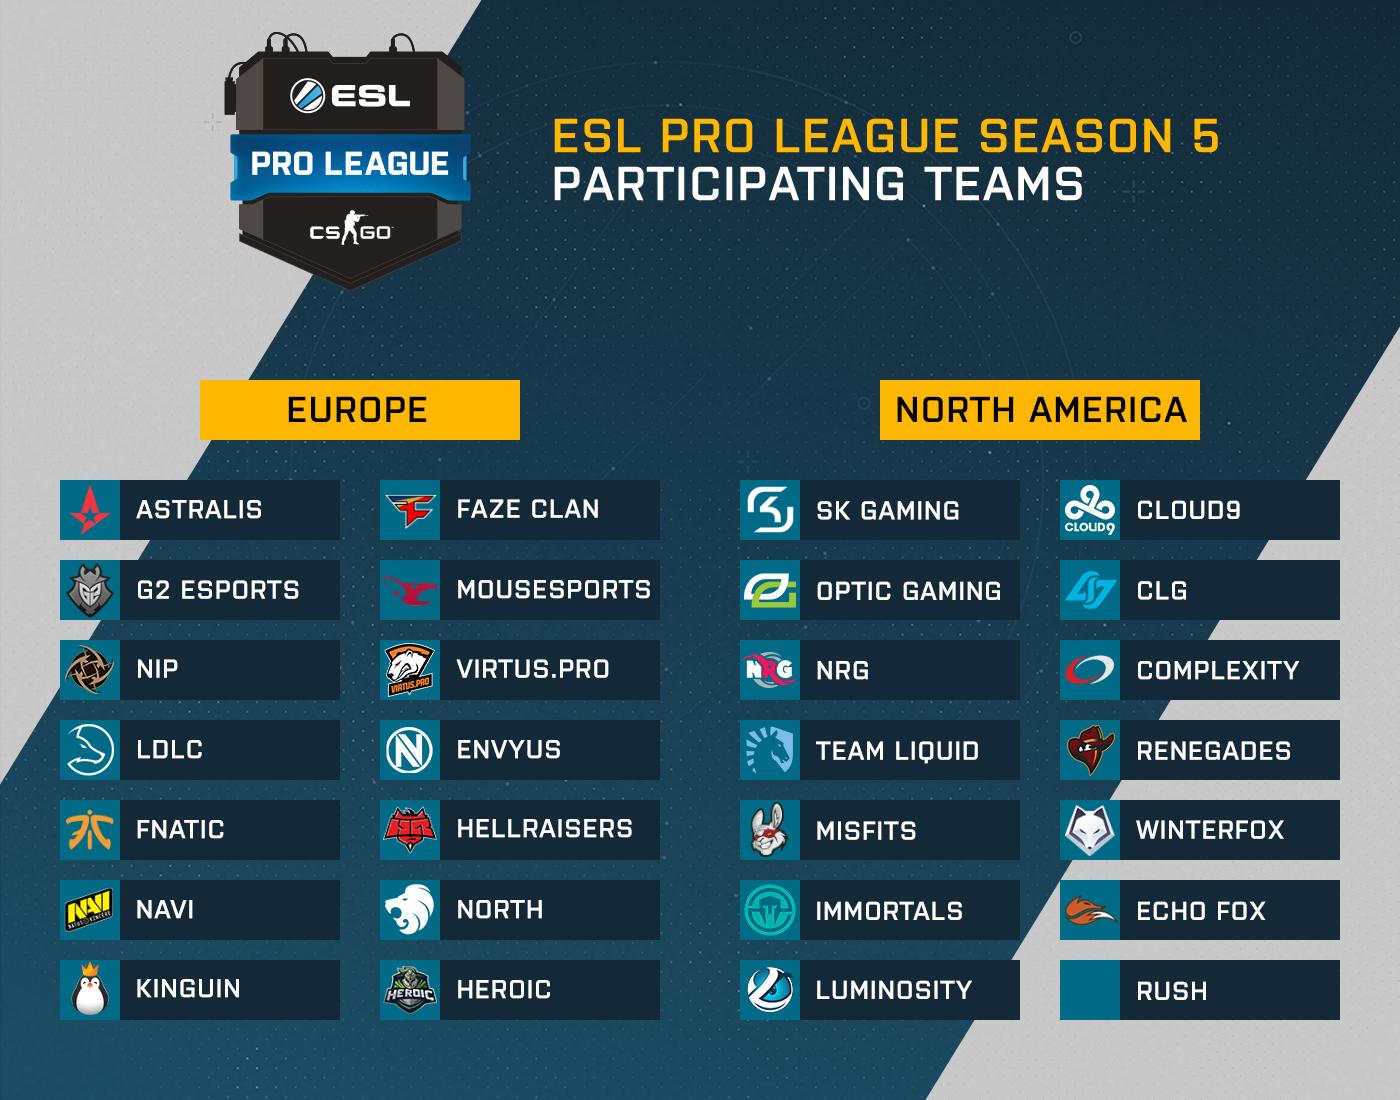 eslpl_teams_s5